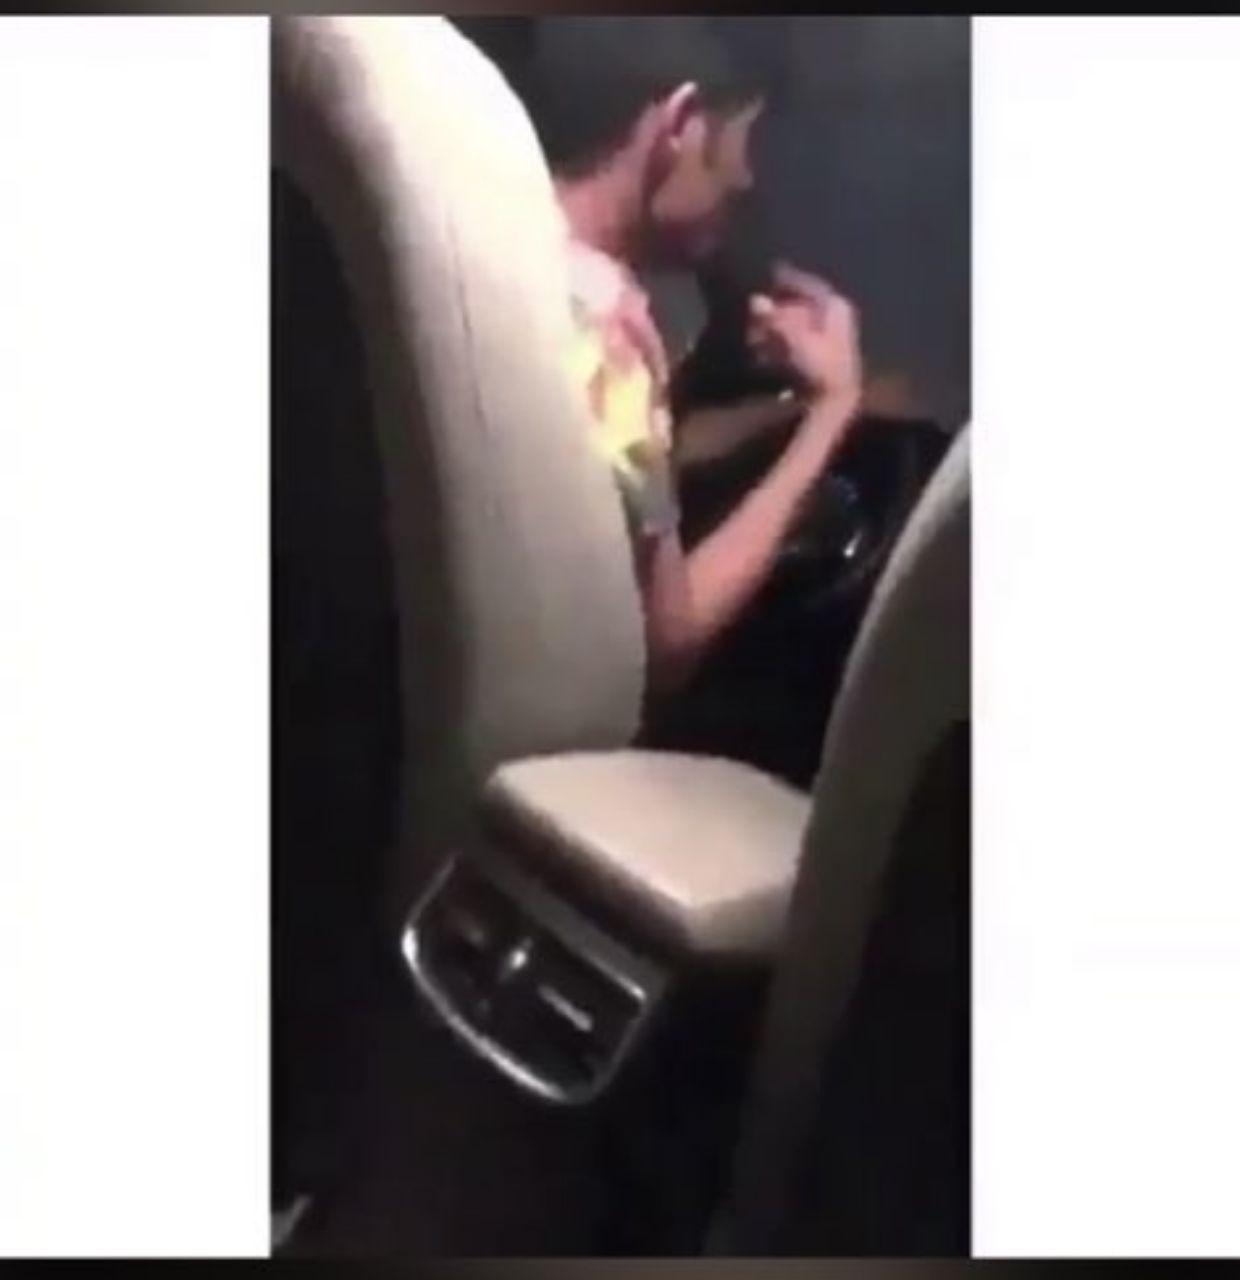 #عاجل شرطة المدينة تطيح بالسائق المتحرش بفتاة من ذوي الإحتياجات الخاصة